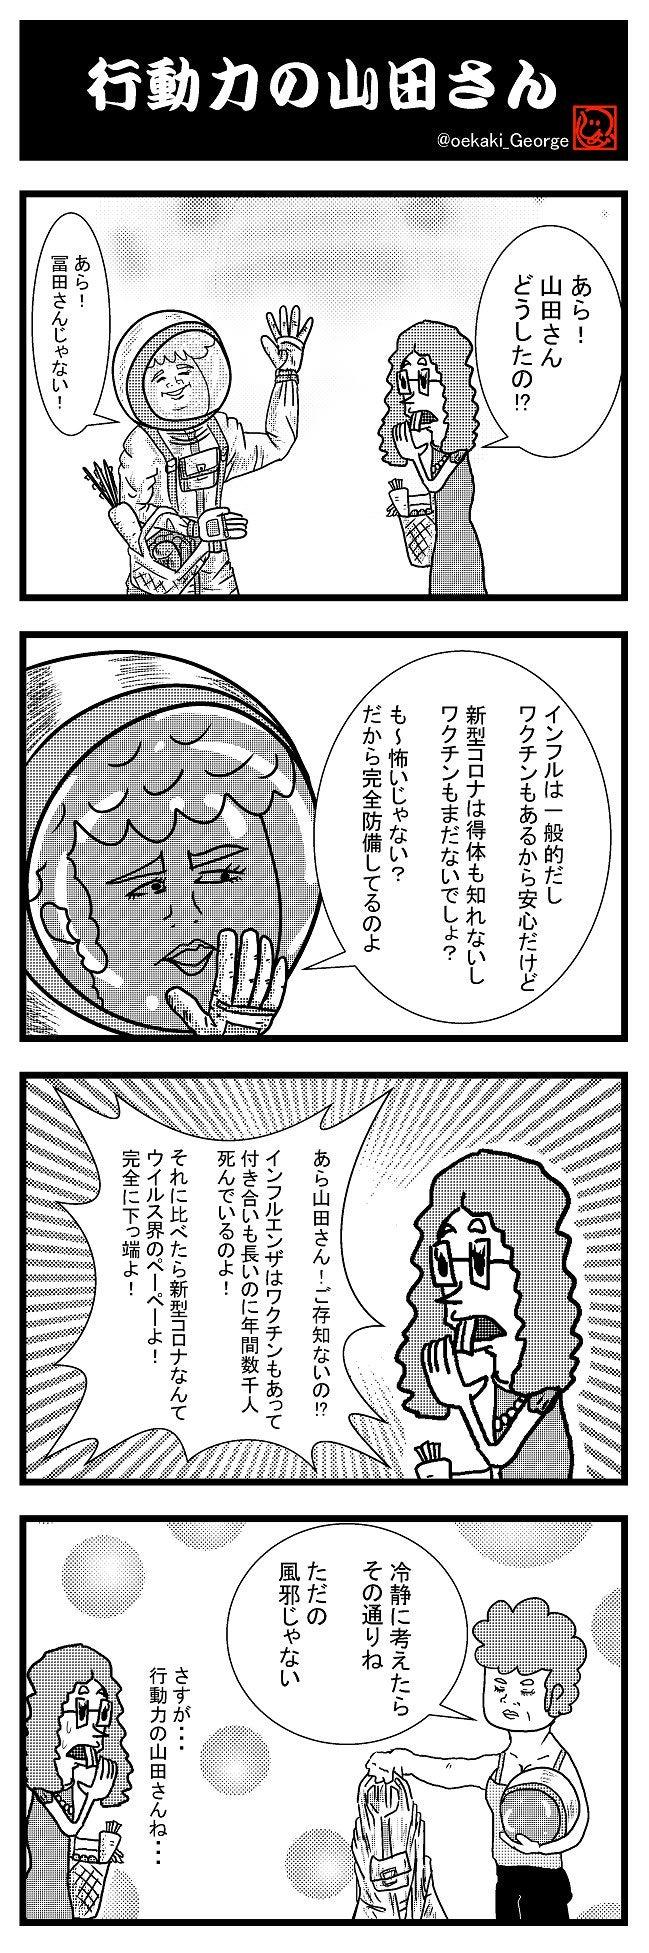 眠く なる マスク